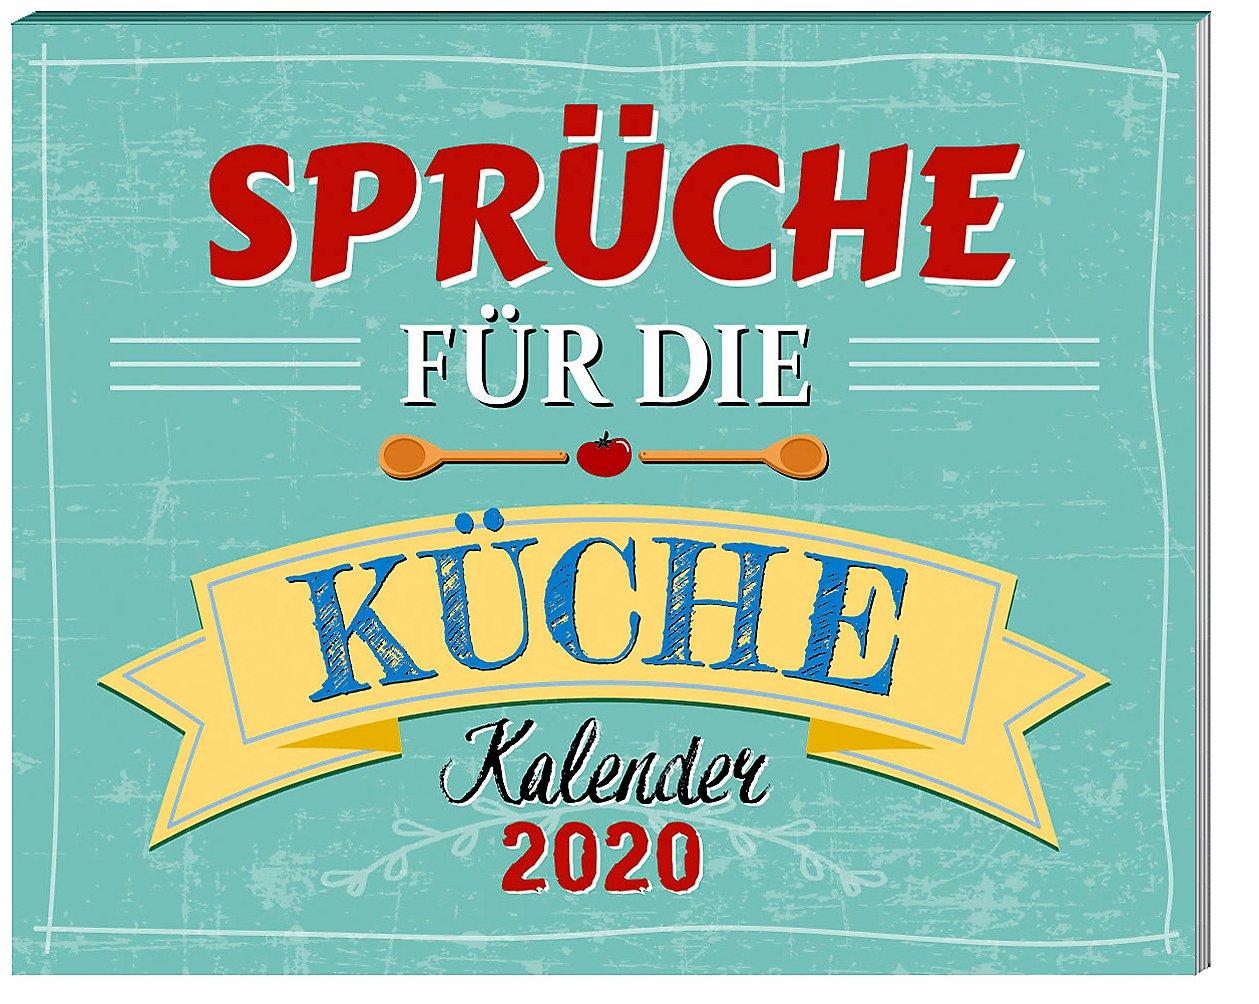 Sprüche für die Küche Kalender 2020 mit 2 Blechschildern ...